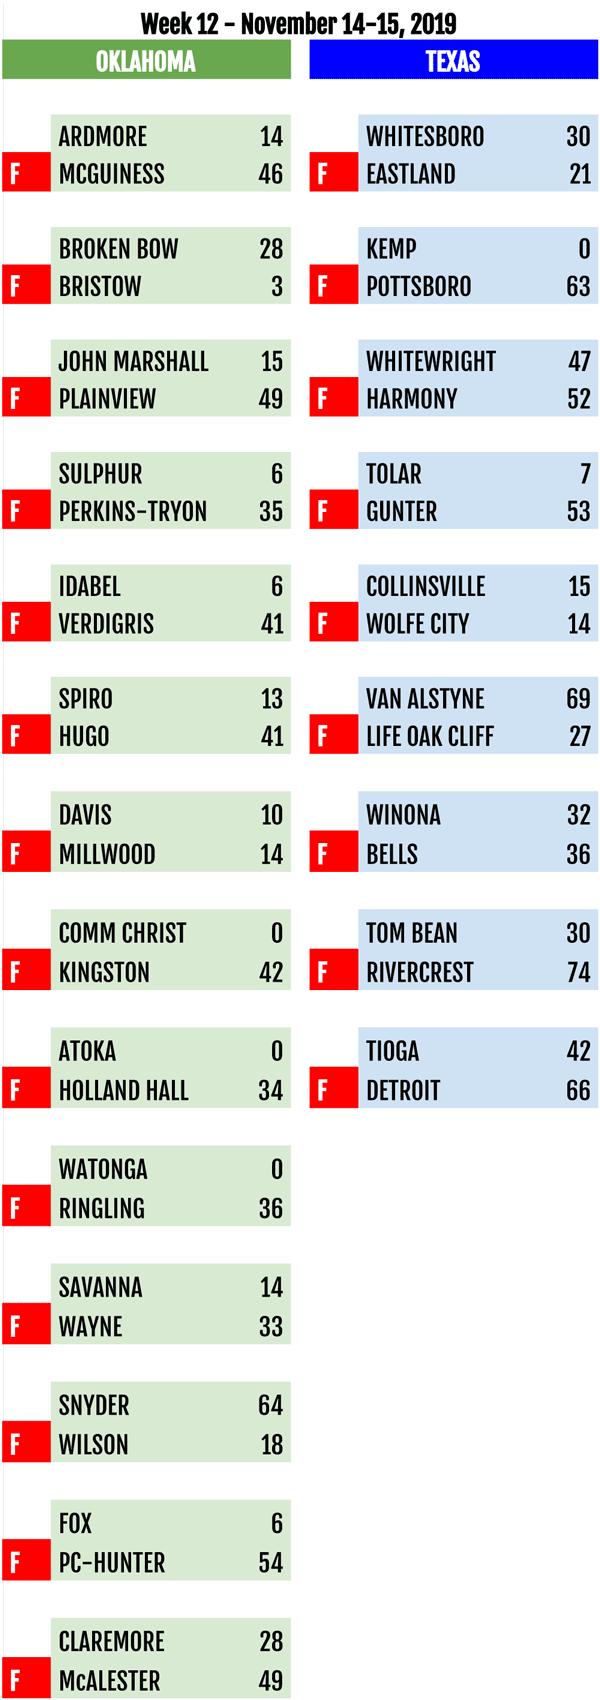 High School Football Scoreboard - Week 12